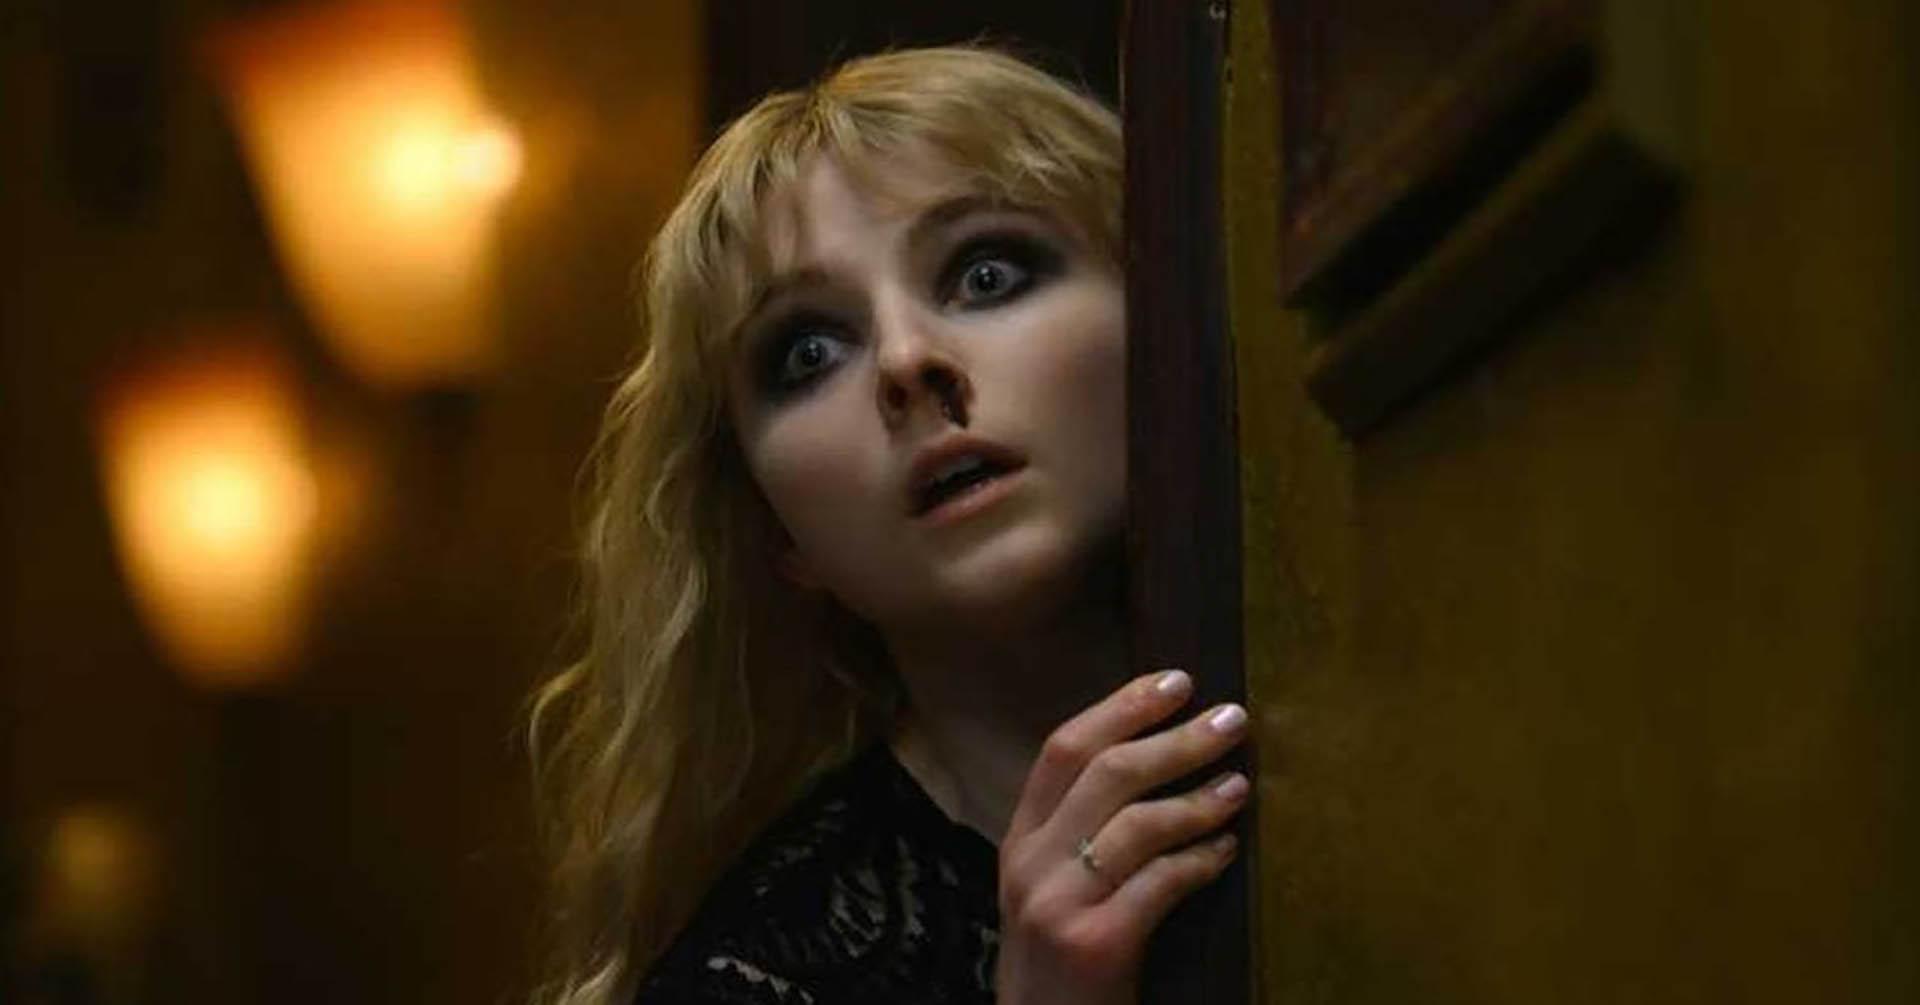 فیلم Last Night in Soho با حضور آنیا-تیلور جوی و زن ترسیده با خط چشم سیاه، یکی از بهترین فیلم های ۲۰۲۱